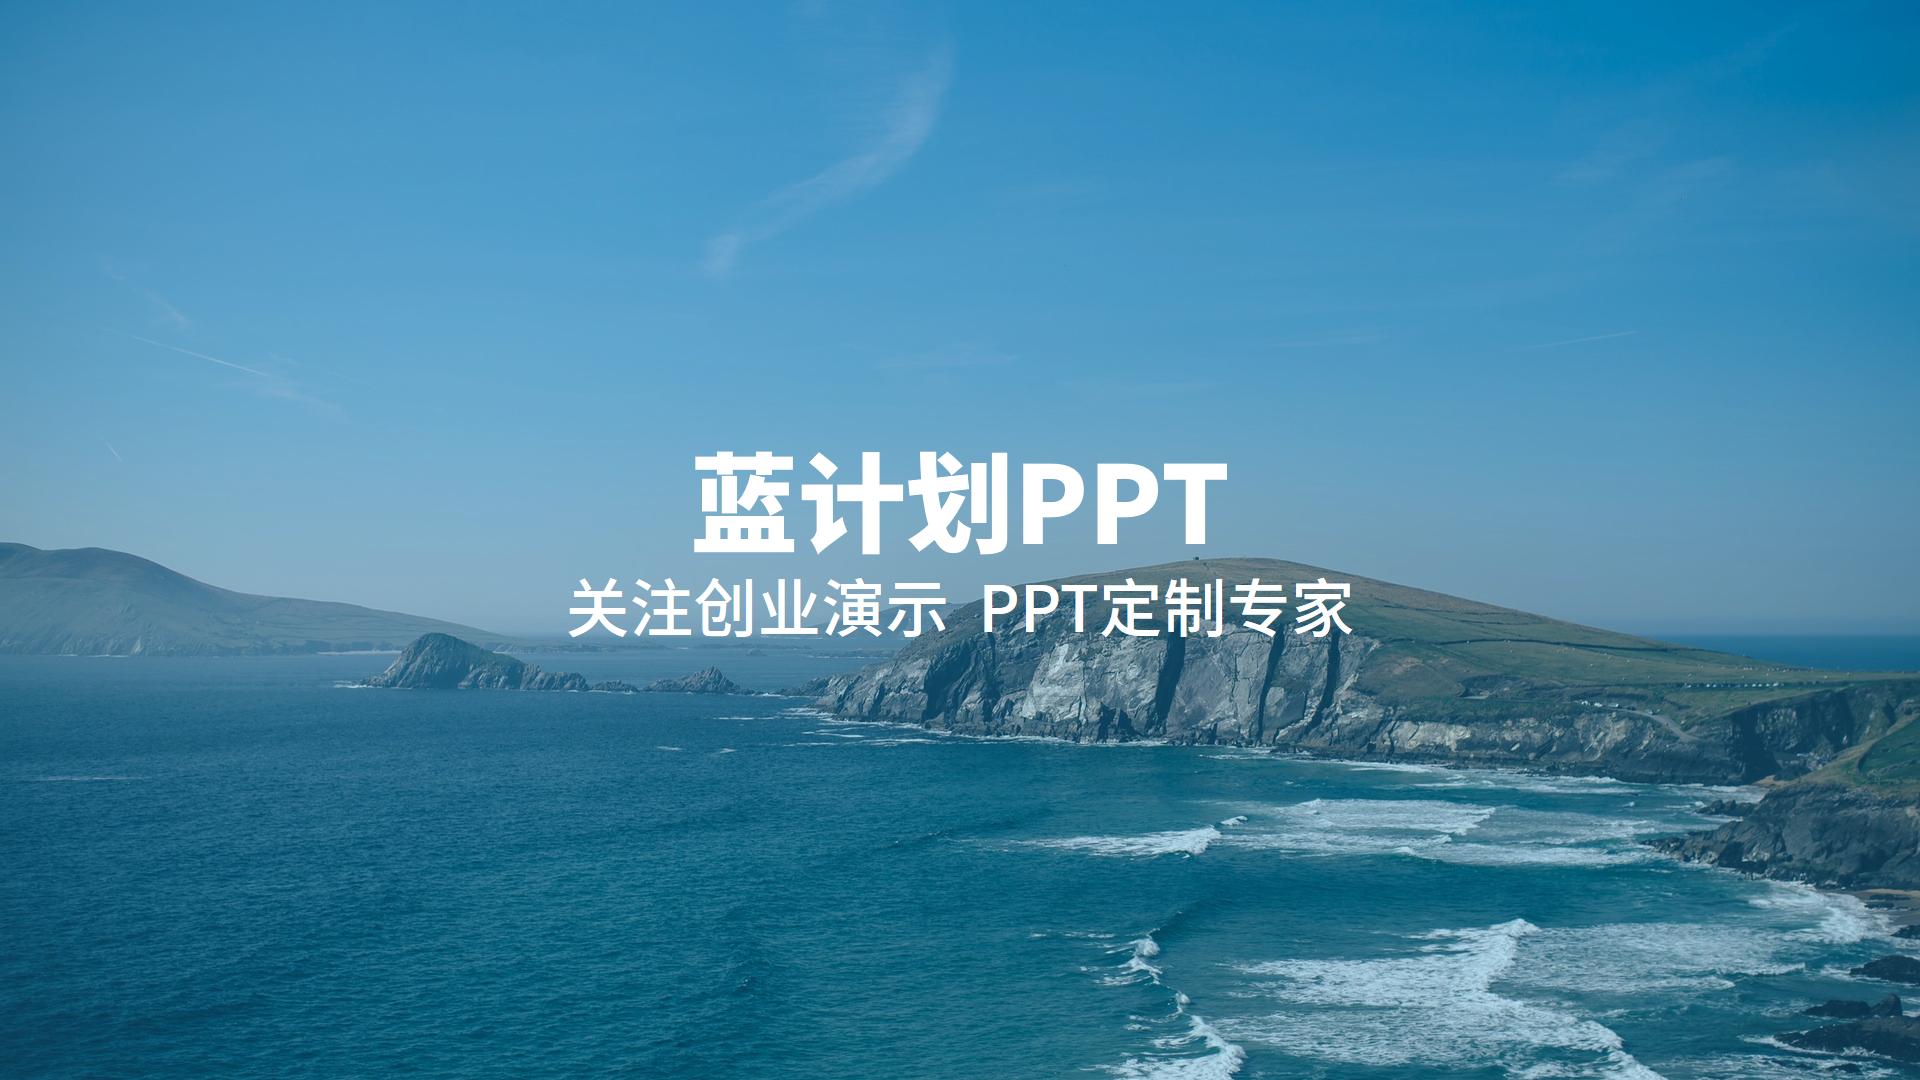 蓝计划公司品牌宣传PPT